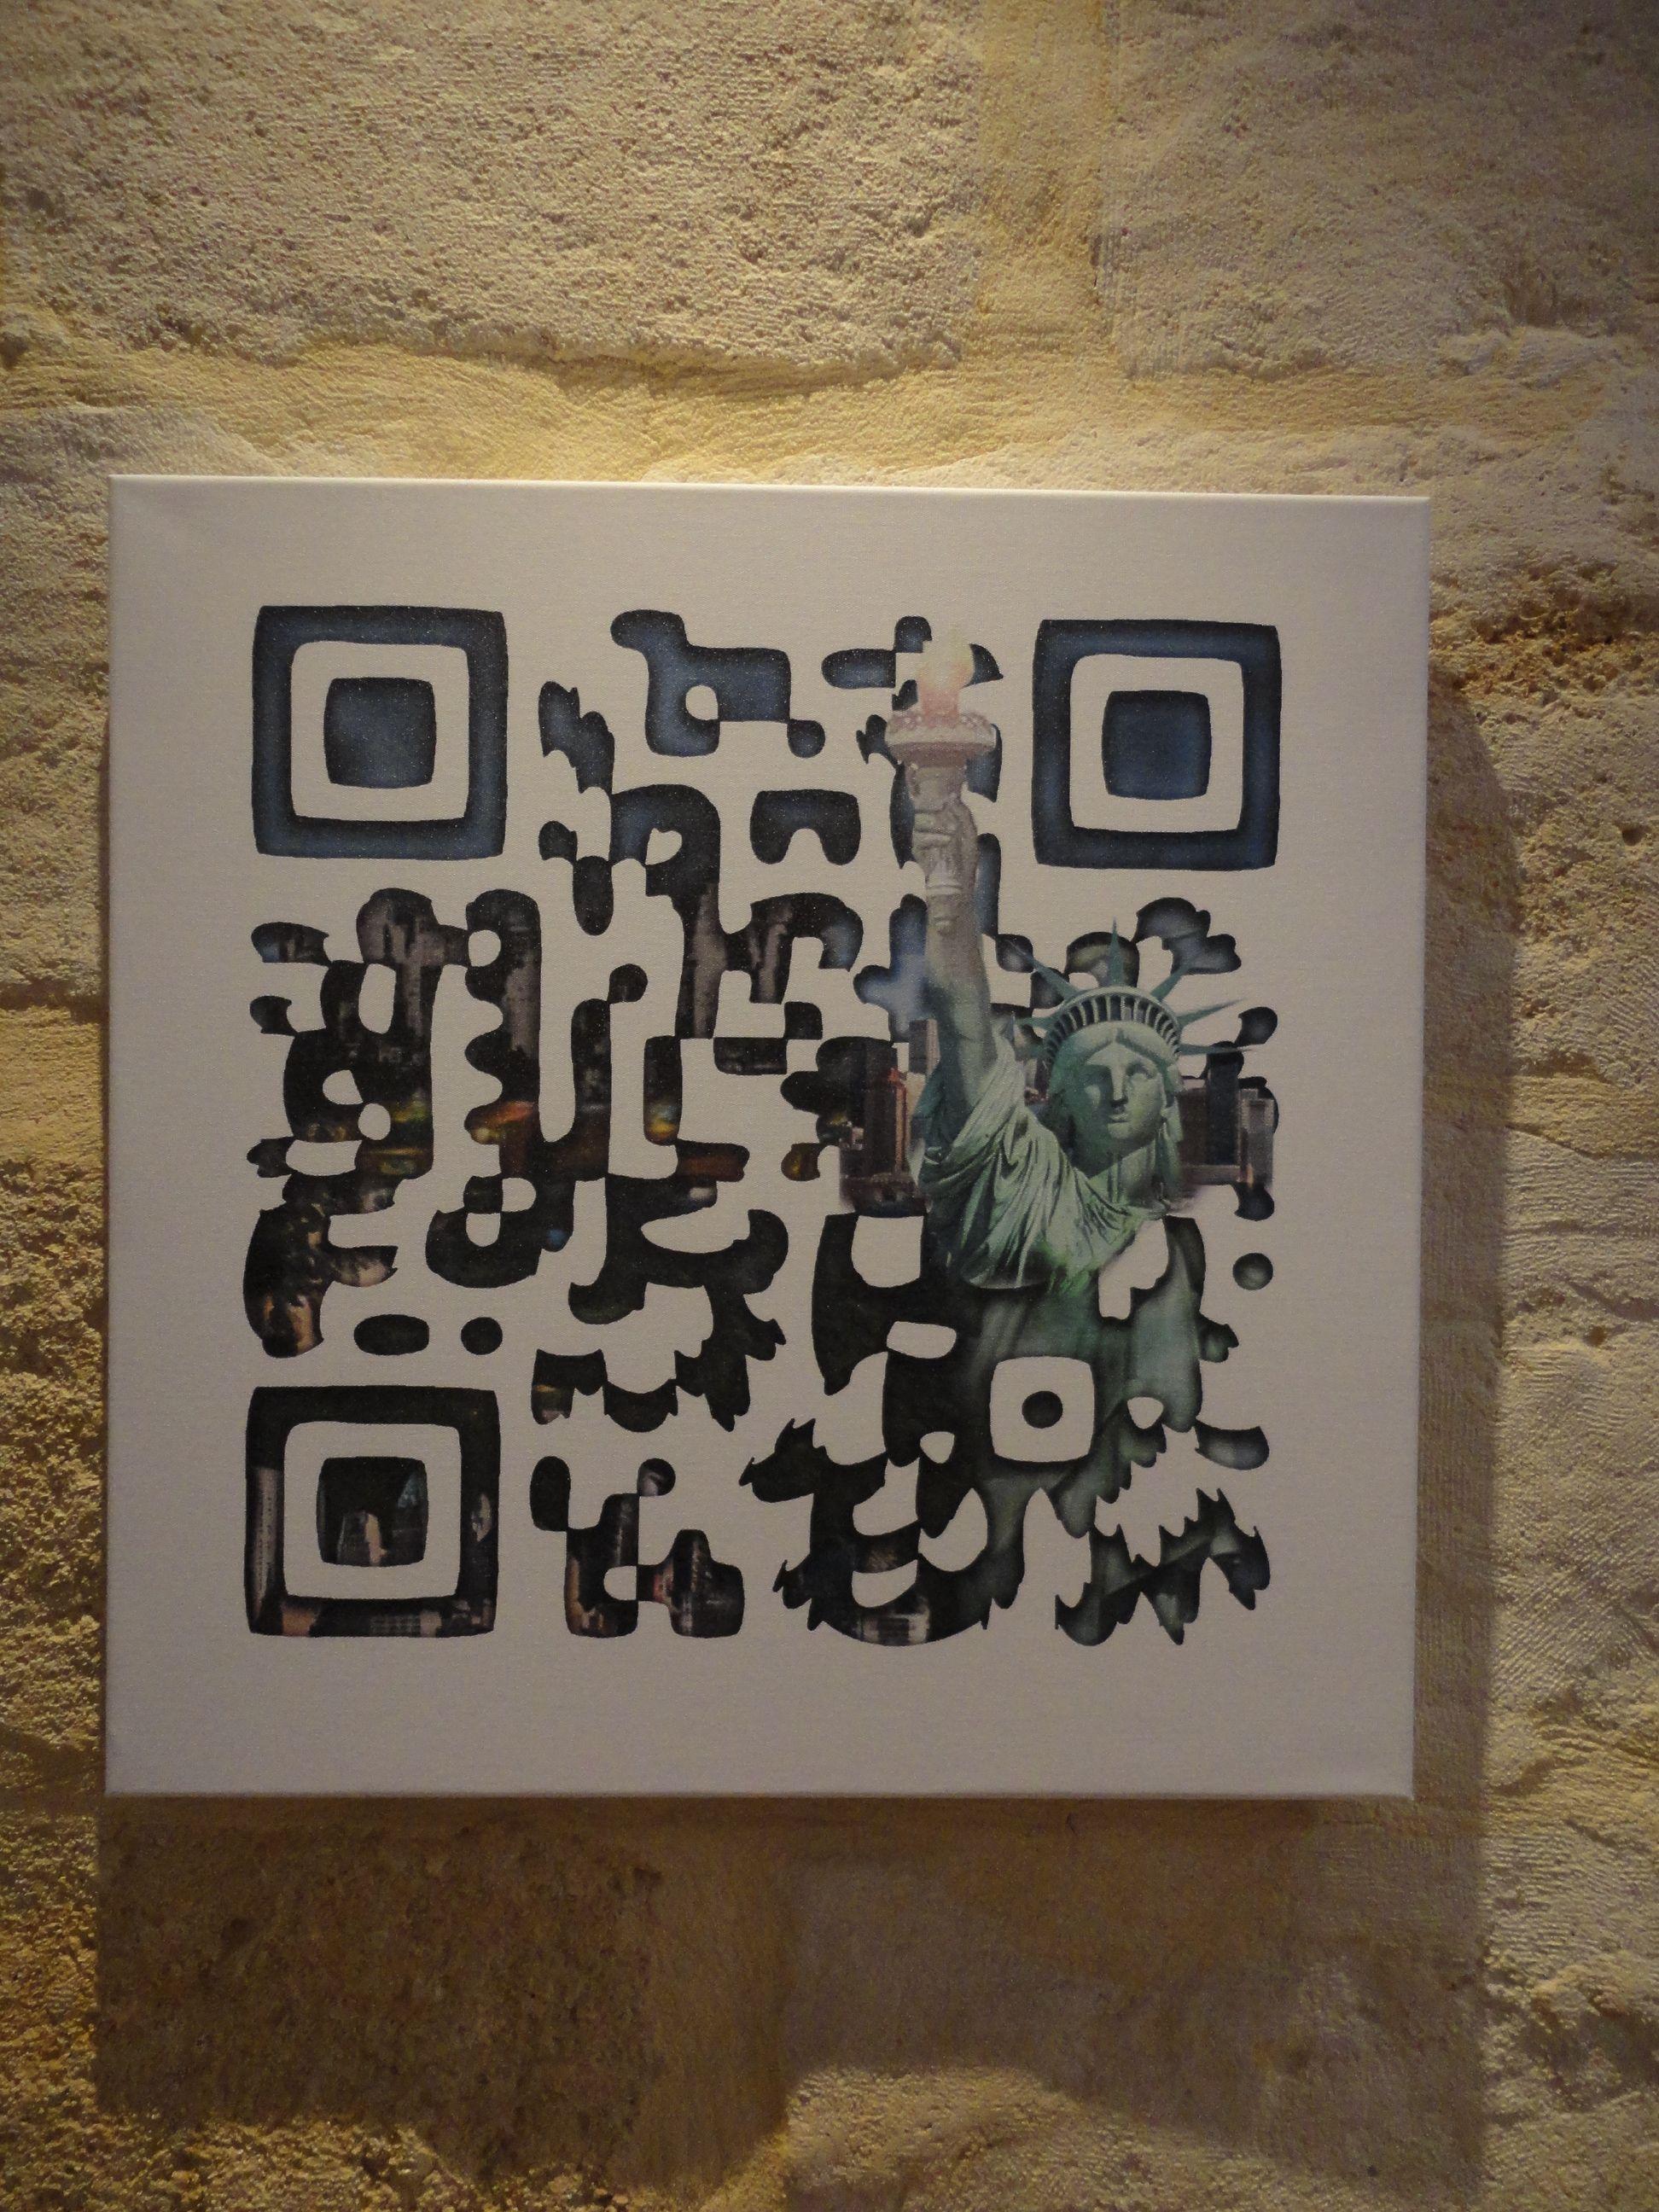 Qr Code On Canvas Numeriques Outils Carte De Visite Avec Decodage